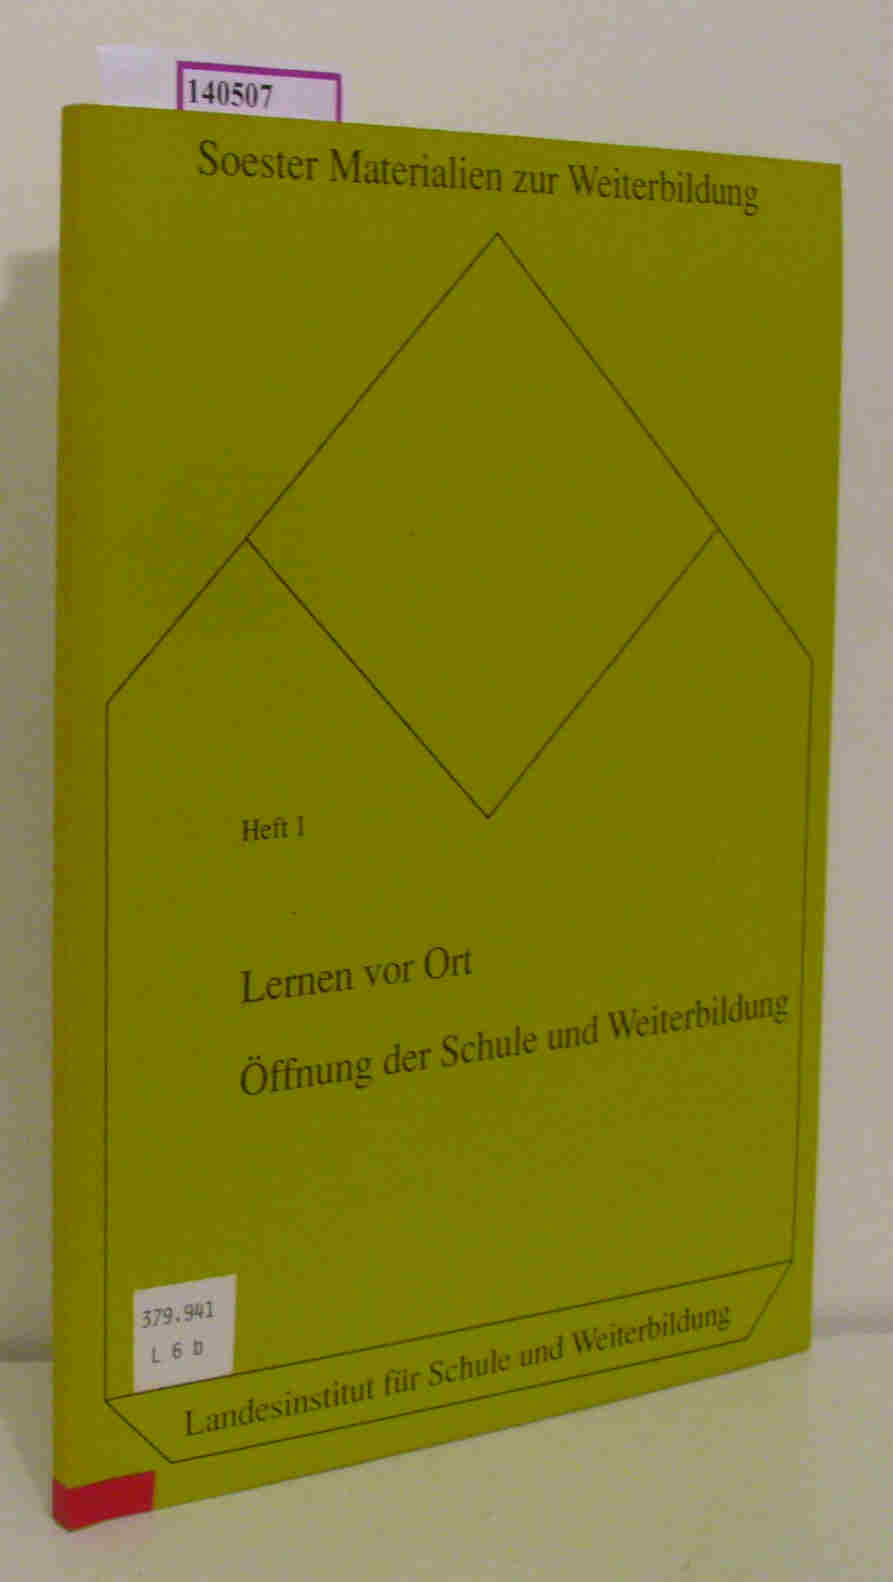 Lernen vor Ort. Öffnung der Schule und Weiterbildung. Das Kölnberg-Projekt. (= Soester Materialien zur Weiterbildung, 1).